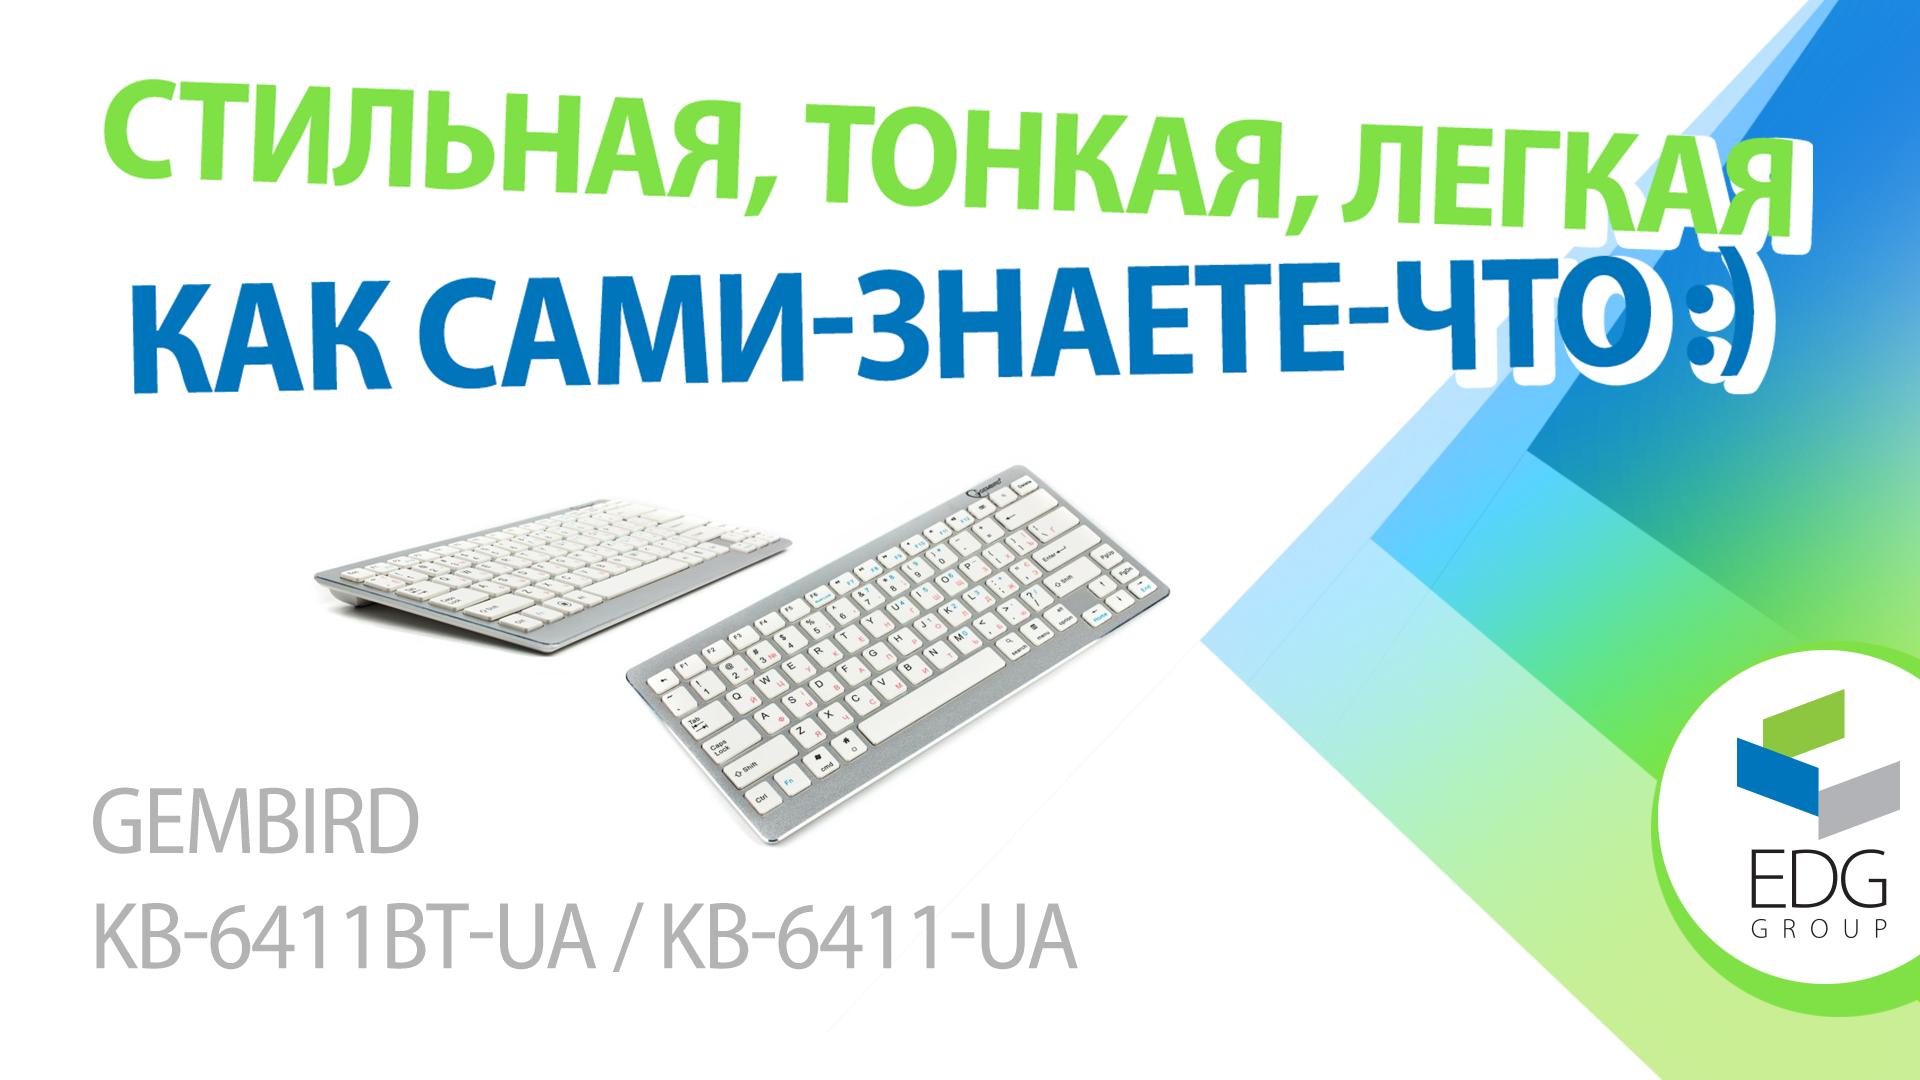 Видеообзор. Беспроводные клавиатуры Gembird KB-6411BT-UA / KB-6411-UA